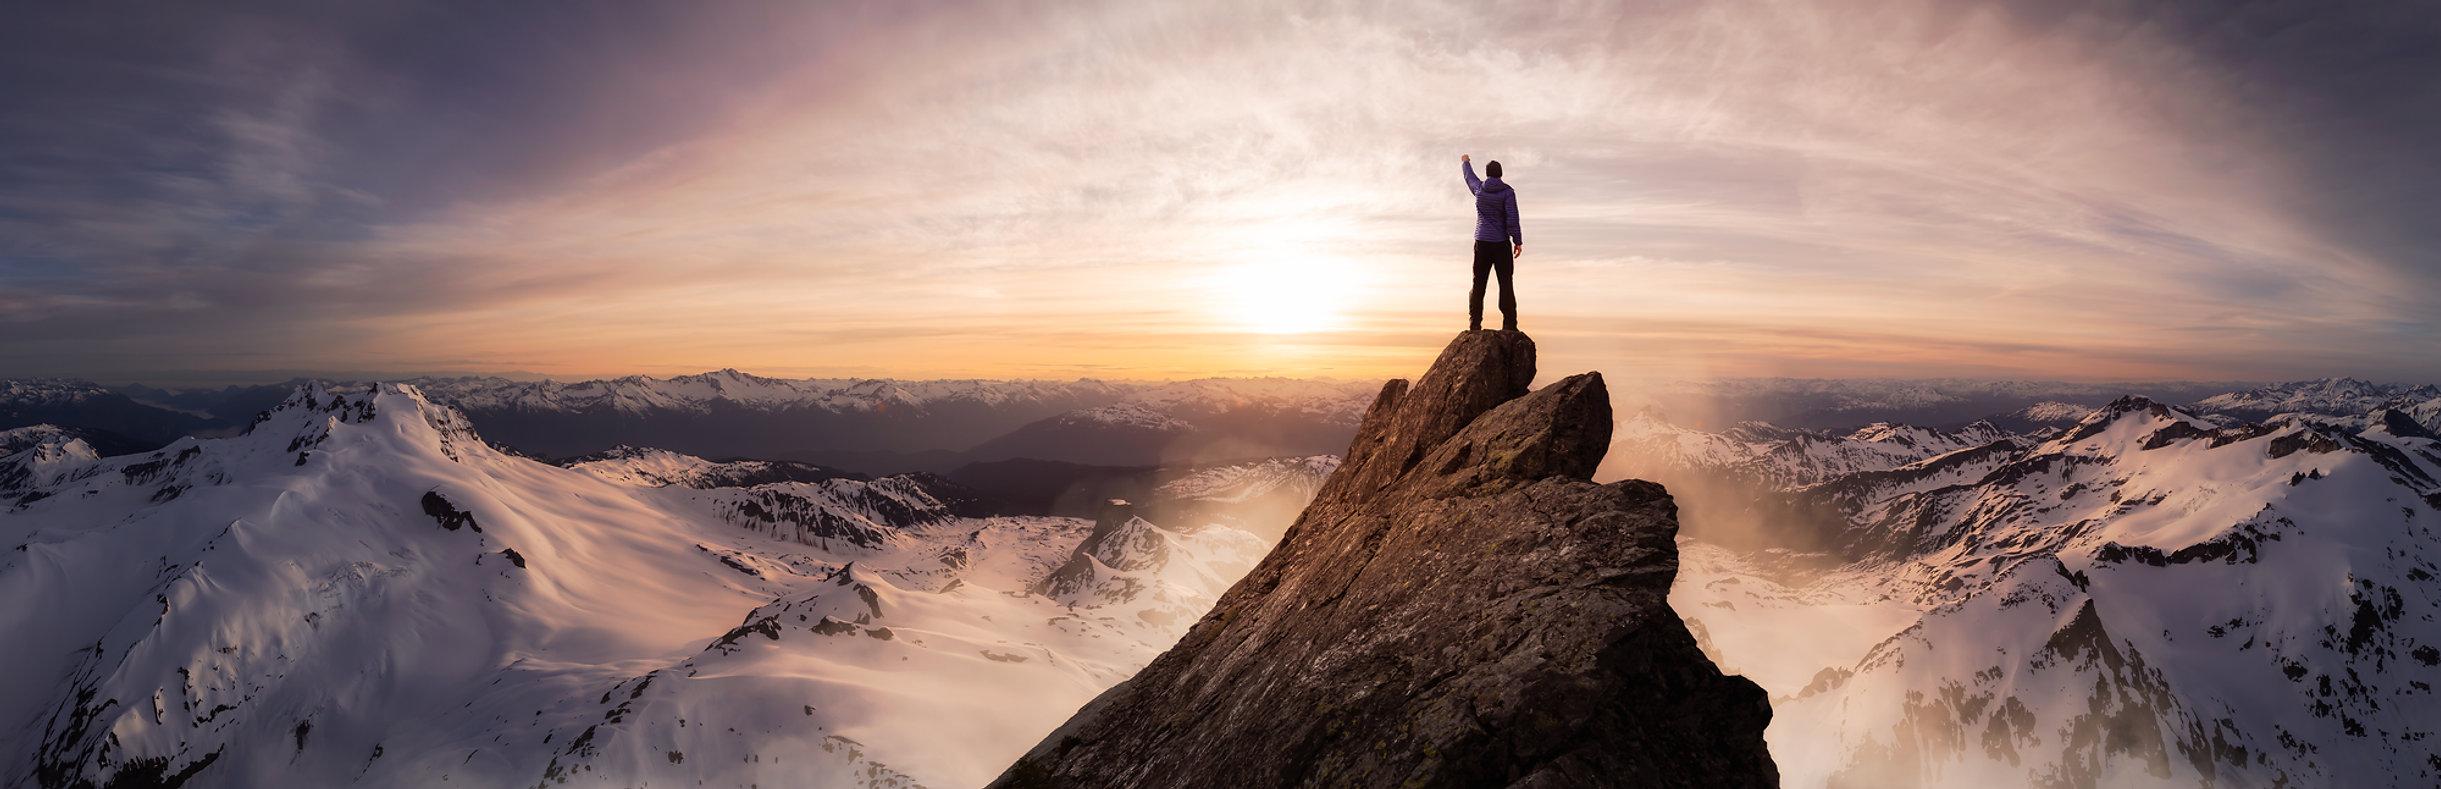 Man on a mountain image